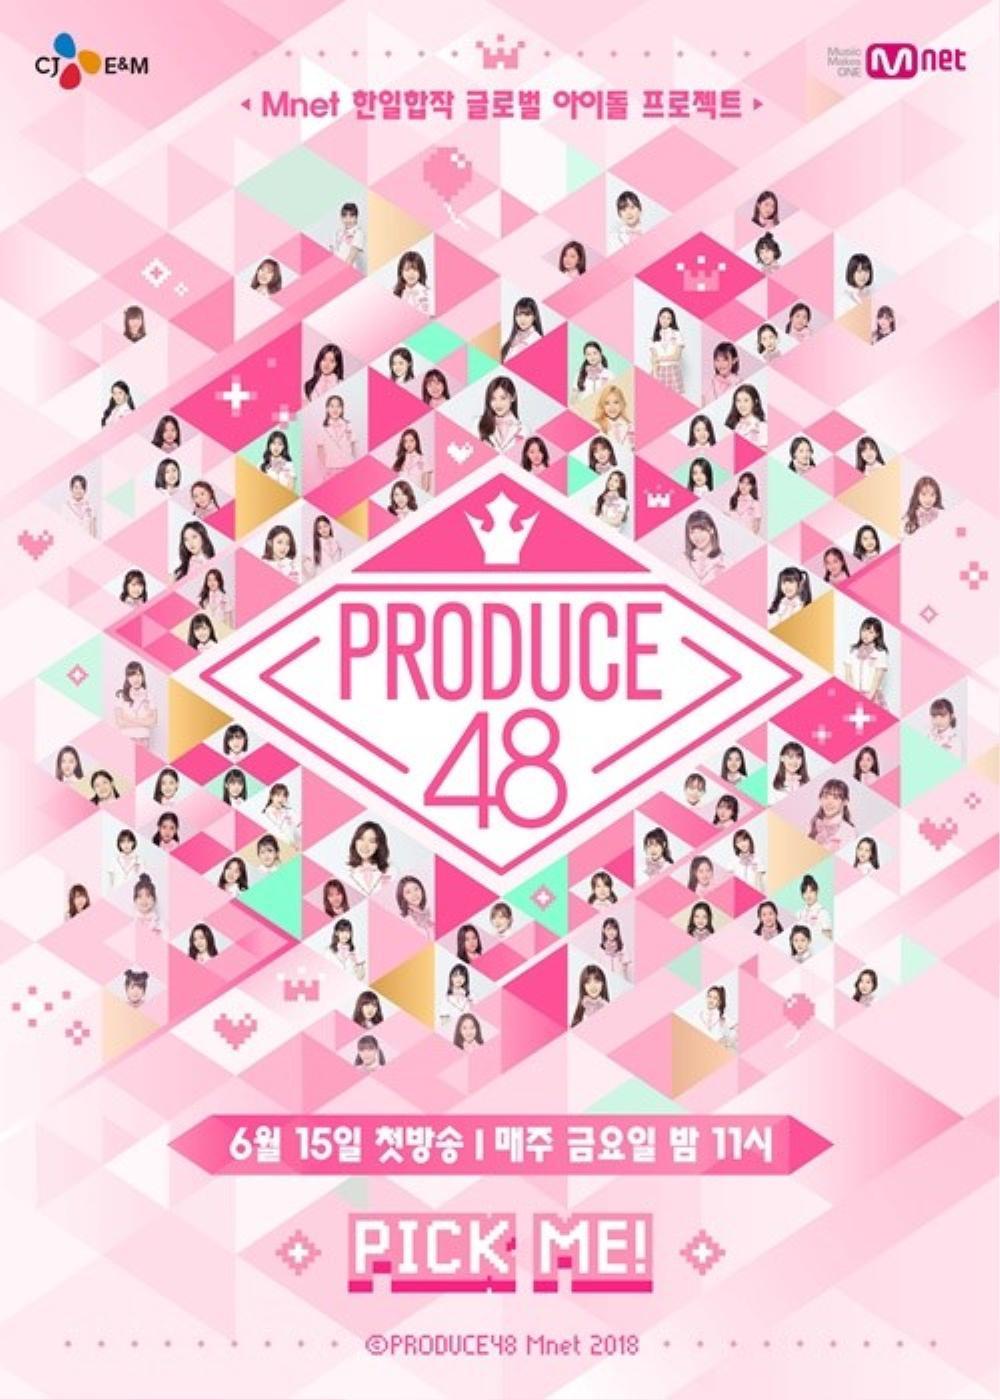 Xác nhận thao túng 3 TTS vào đội hình Wanna One và I.O.I, nhà sản xuất 'Produce 101' dự bị phạt 2,3 tỷ đồng Ảnh 5